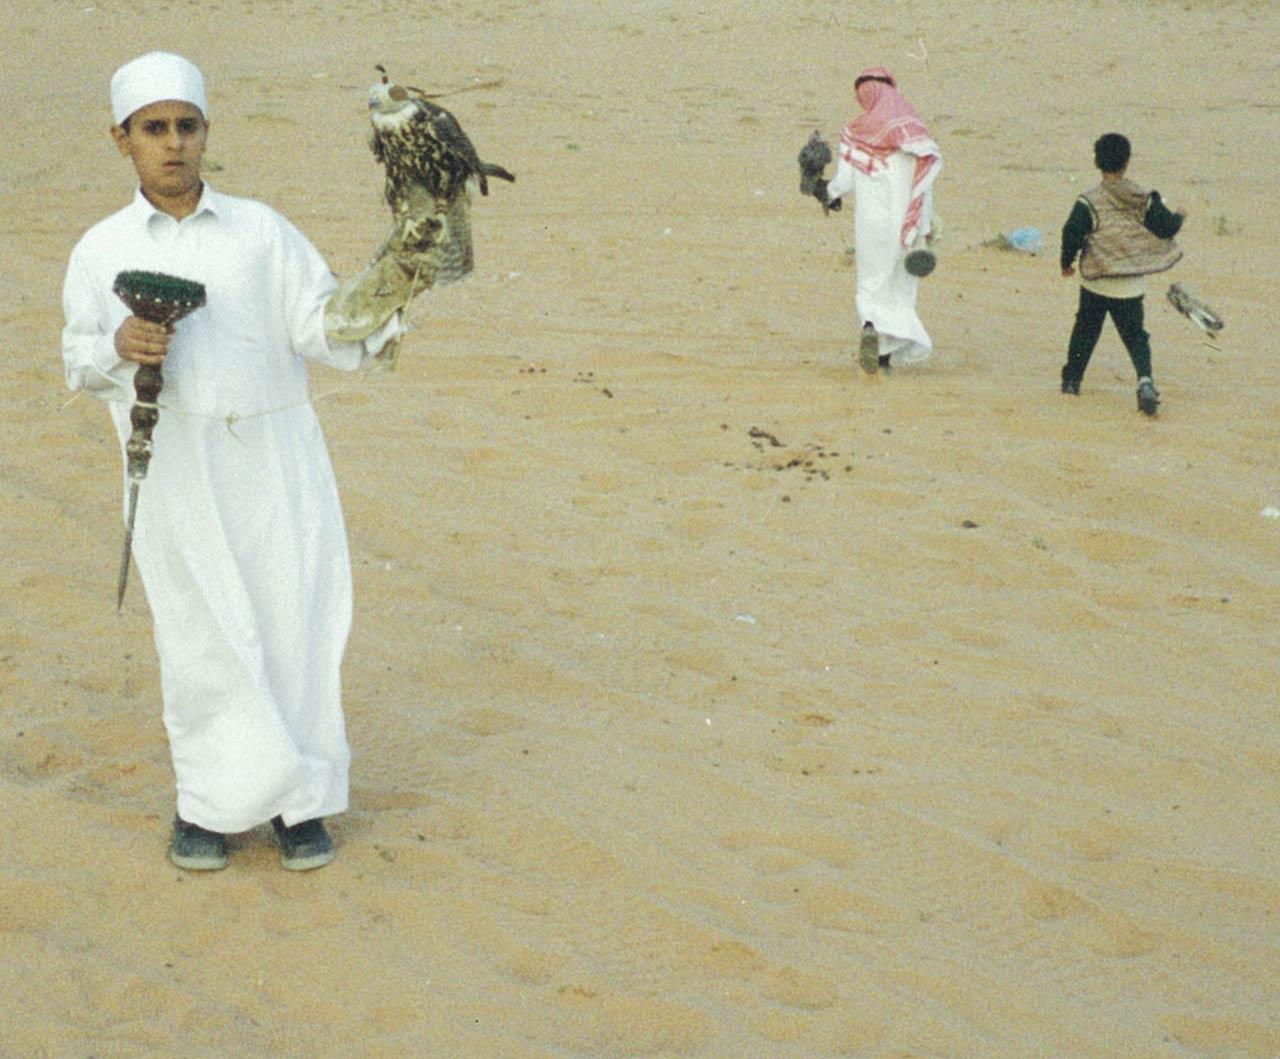 Falcons of Riyadh 1999